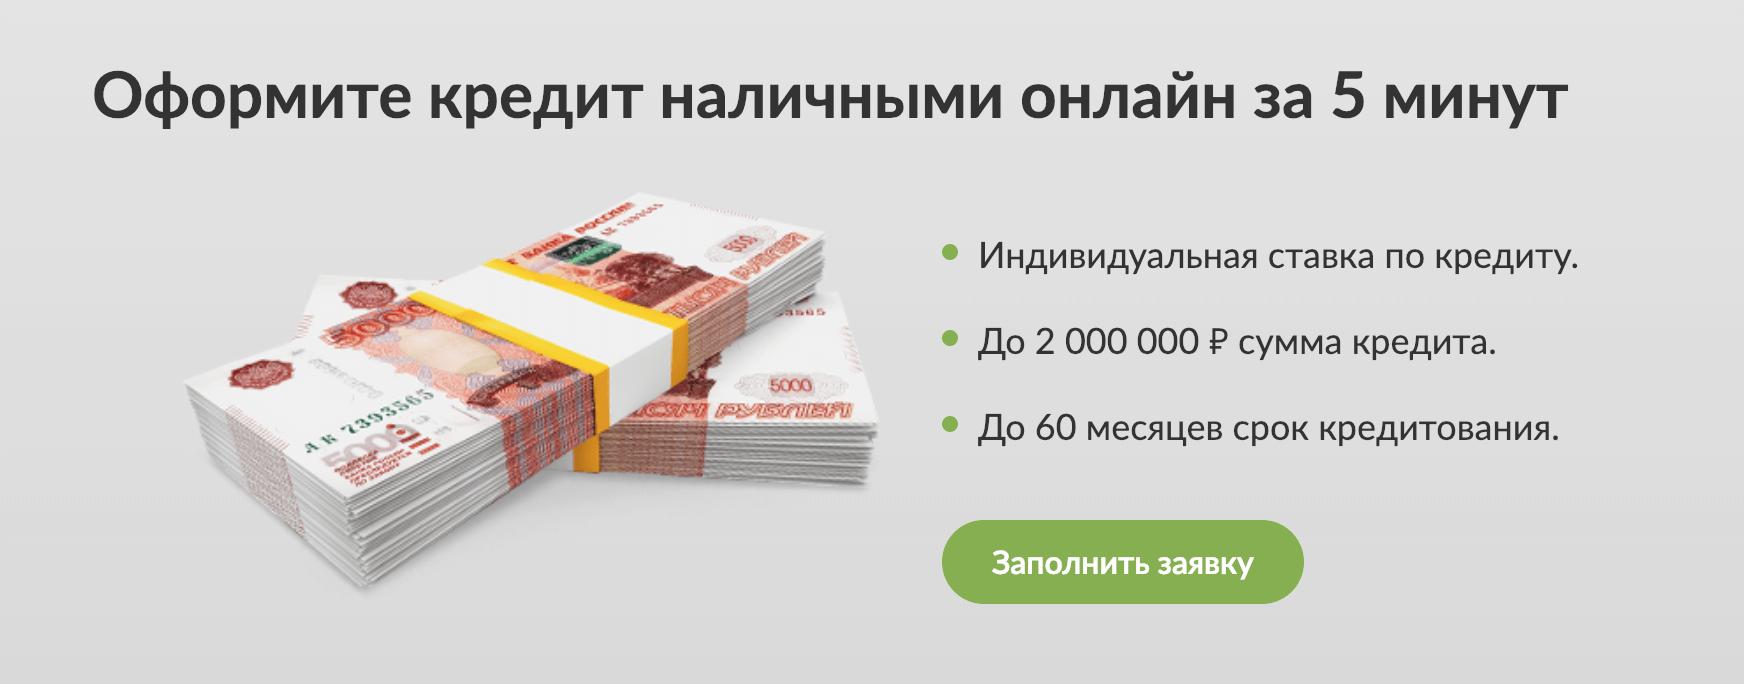 Получить Кредит без справок и поручителей в Москве